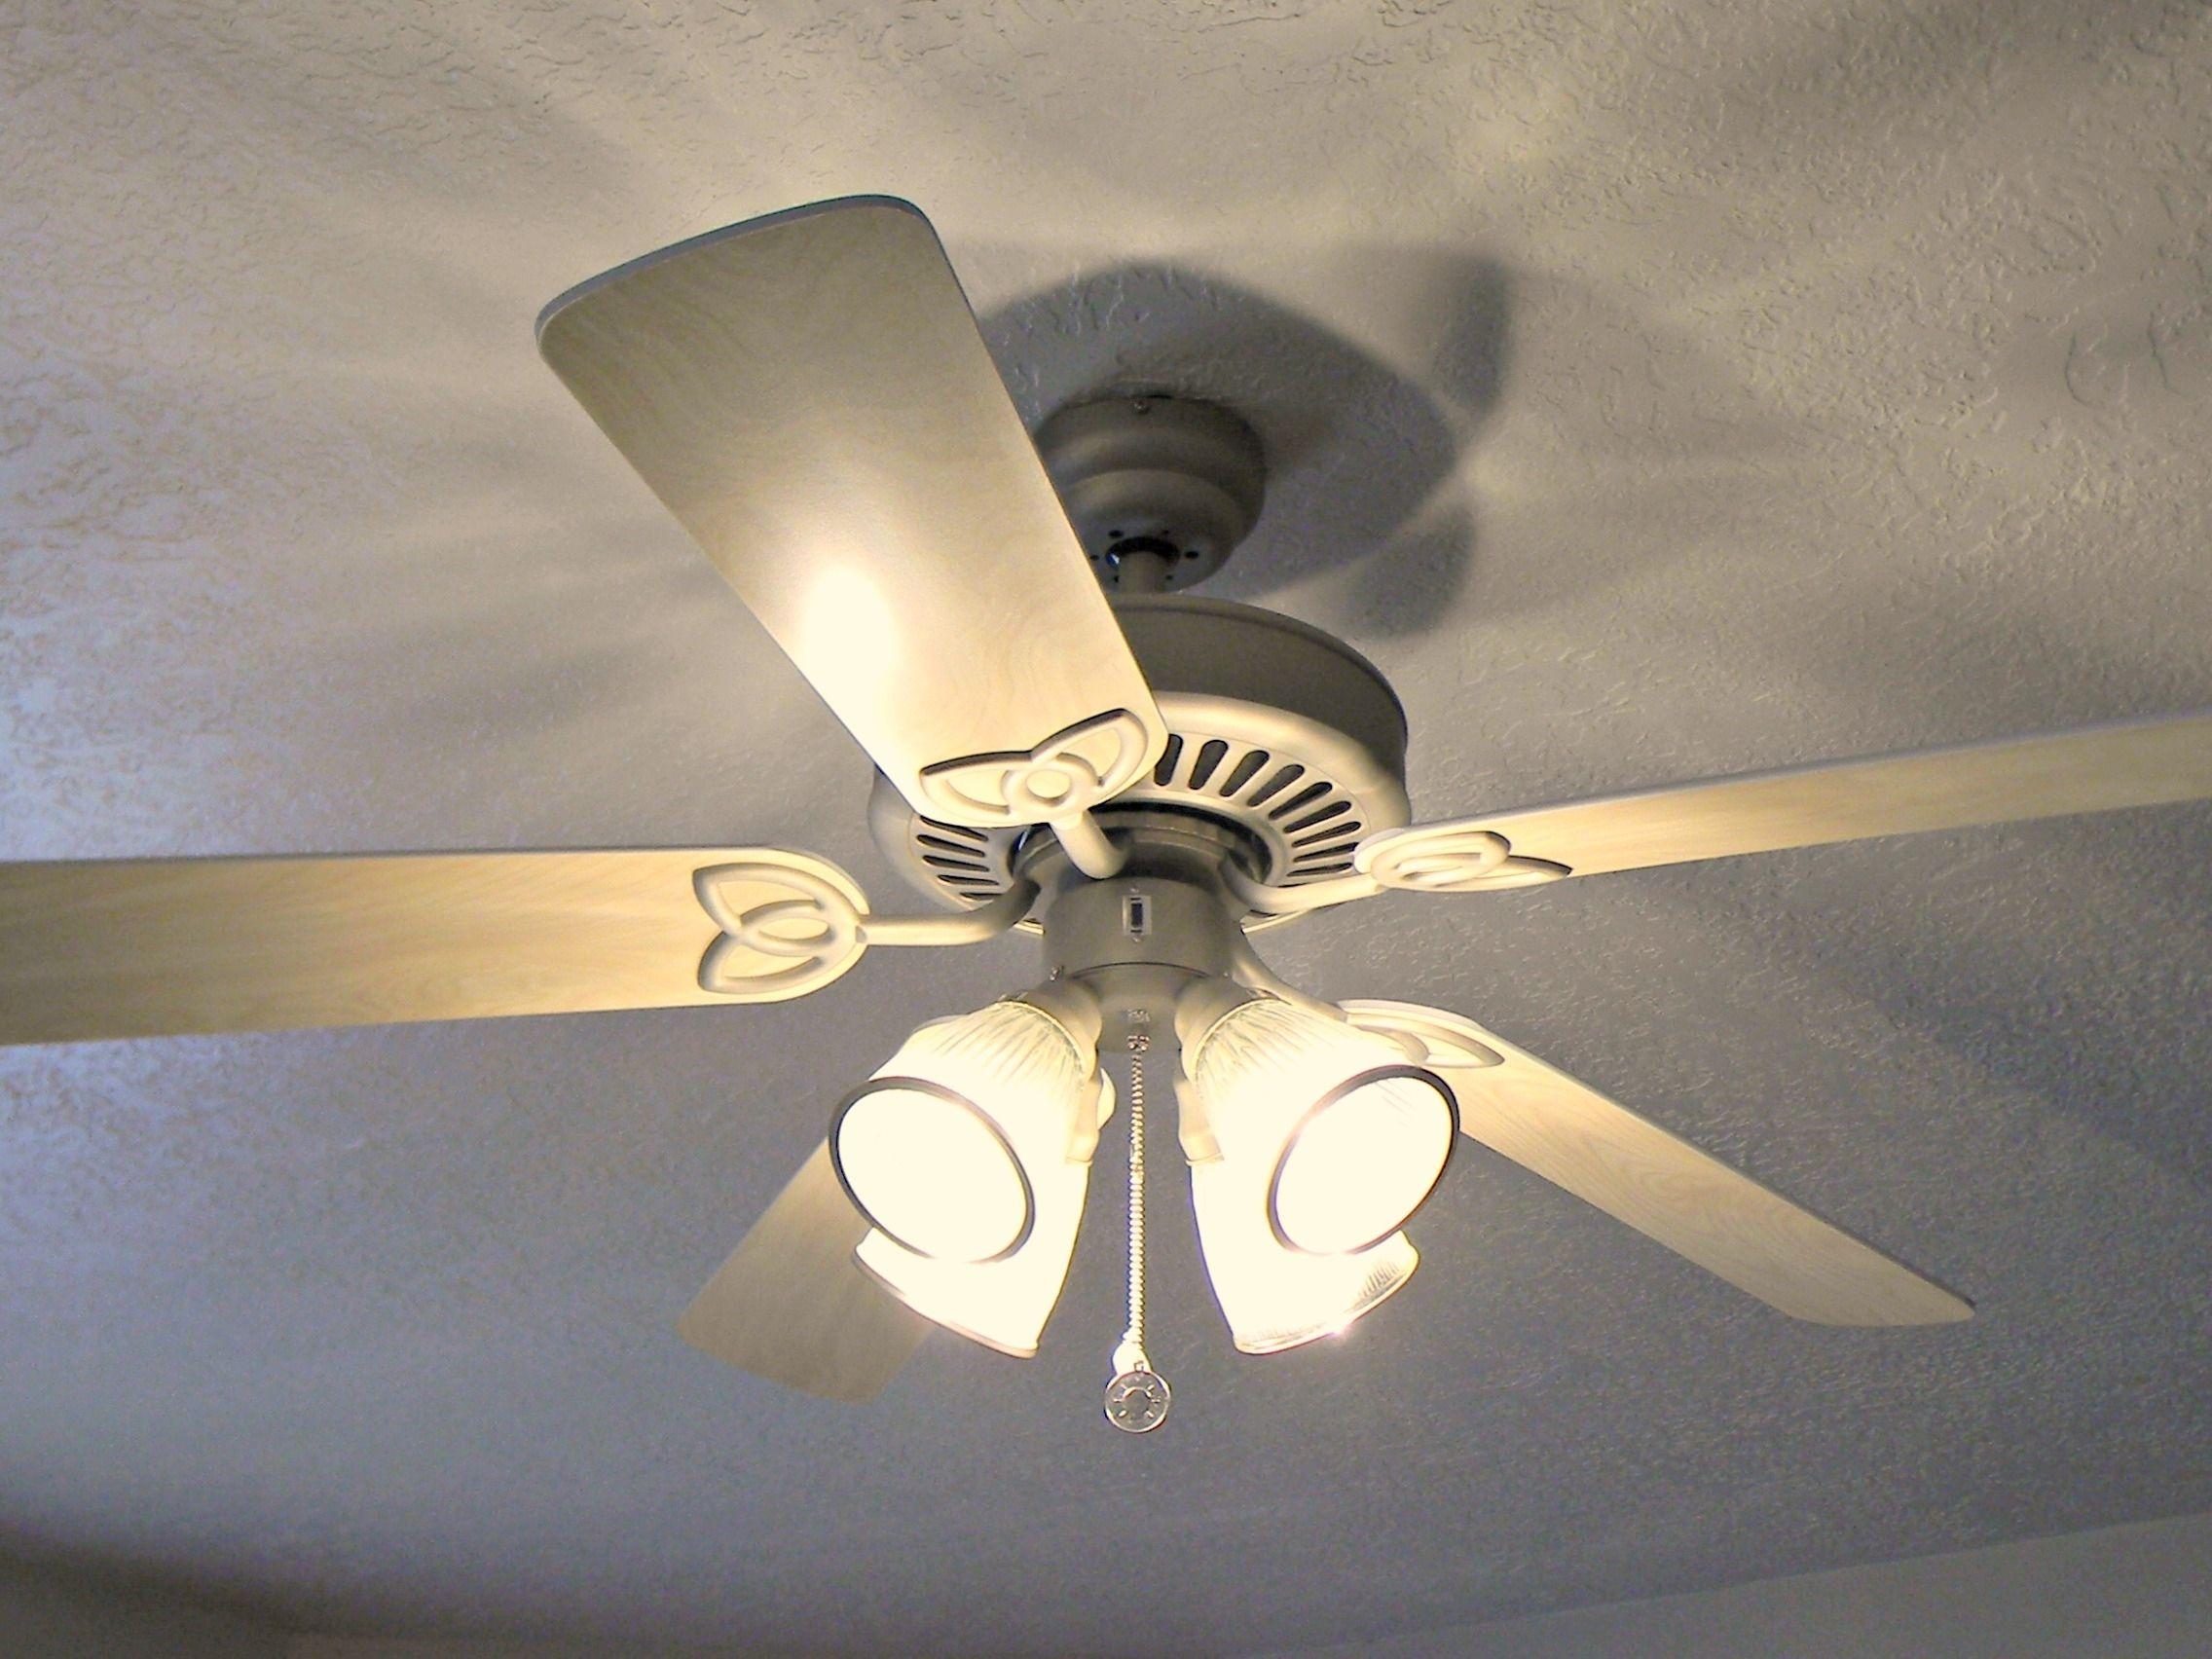 Schlafzimmer Deckenventilatoren Mit Beleuchtung Deckenventilator Ventilator Mit Licht Beleuchtung Decke